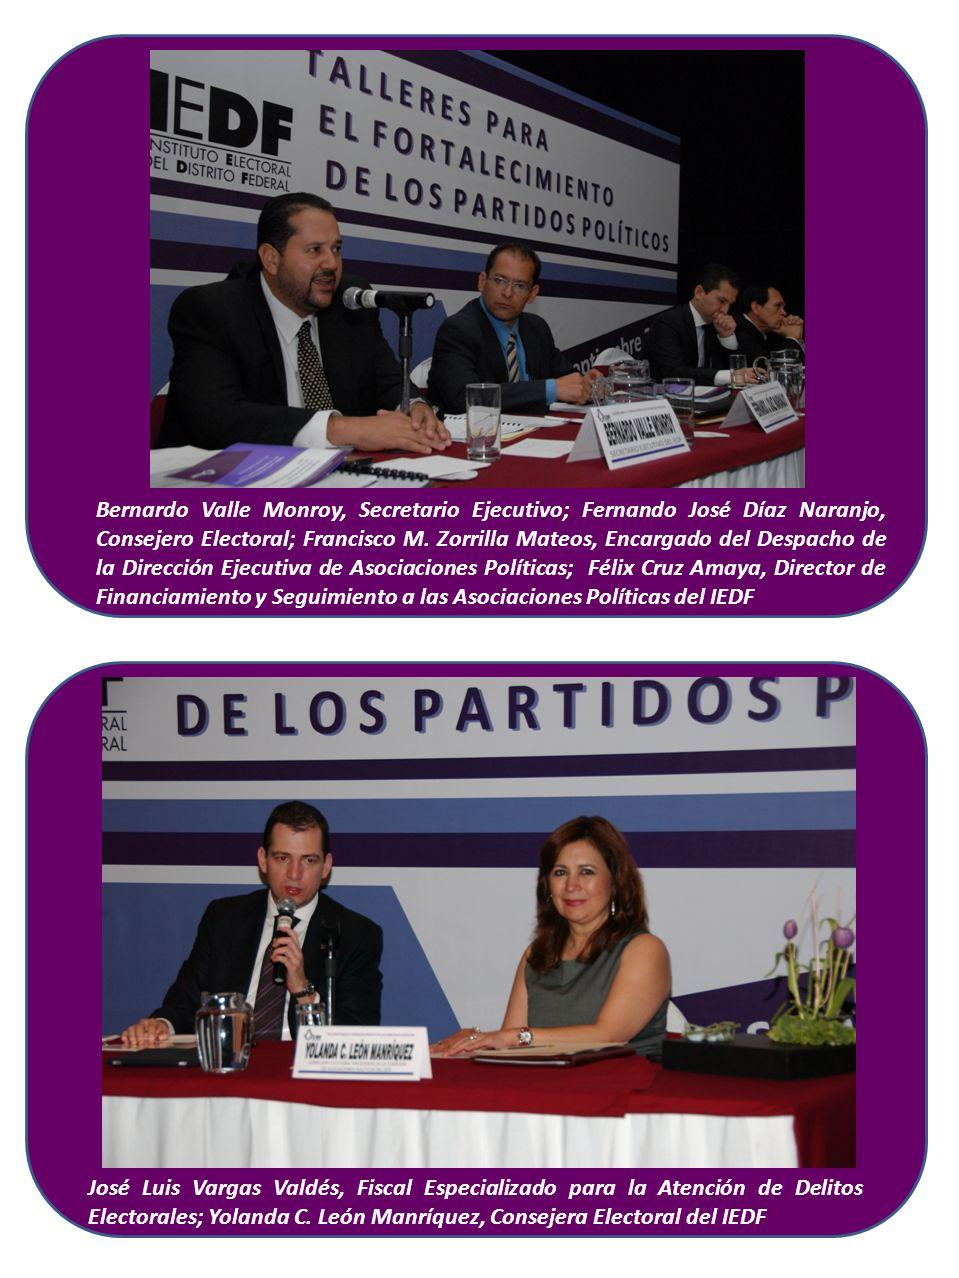 Bernardo Valle Monroy, Secretario Ejecutivo; Fernando José Díaz Naranjo, Consejero Electoral; Francisco M. Zorrilla Mateos, Encargado del Despacho de